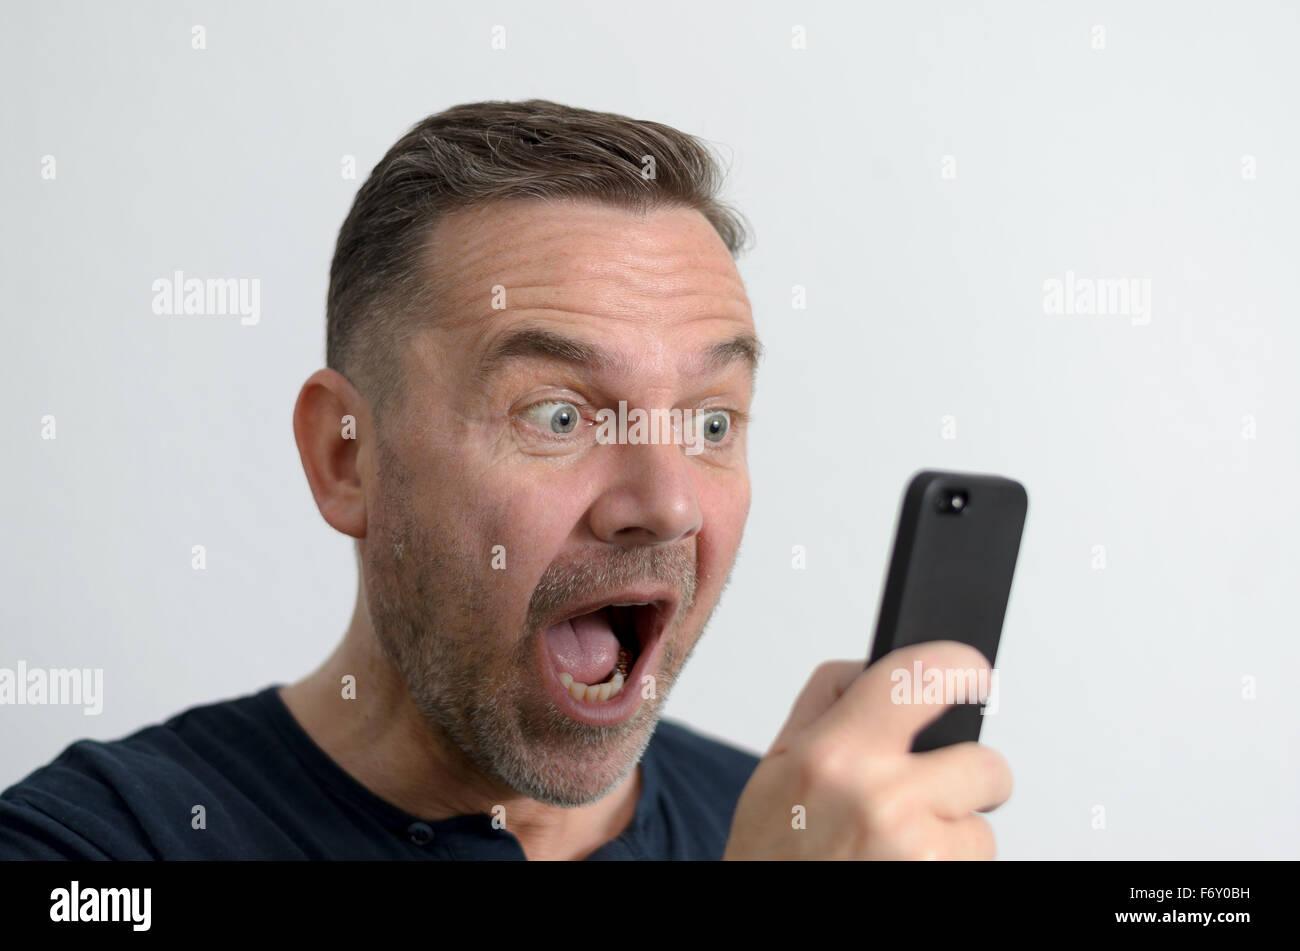 Sorprendido gracioso hombre de mediana edad con ojos azules y una expresión facial conmocionó a mirar Imagen De Stock